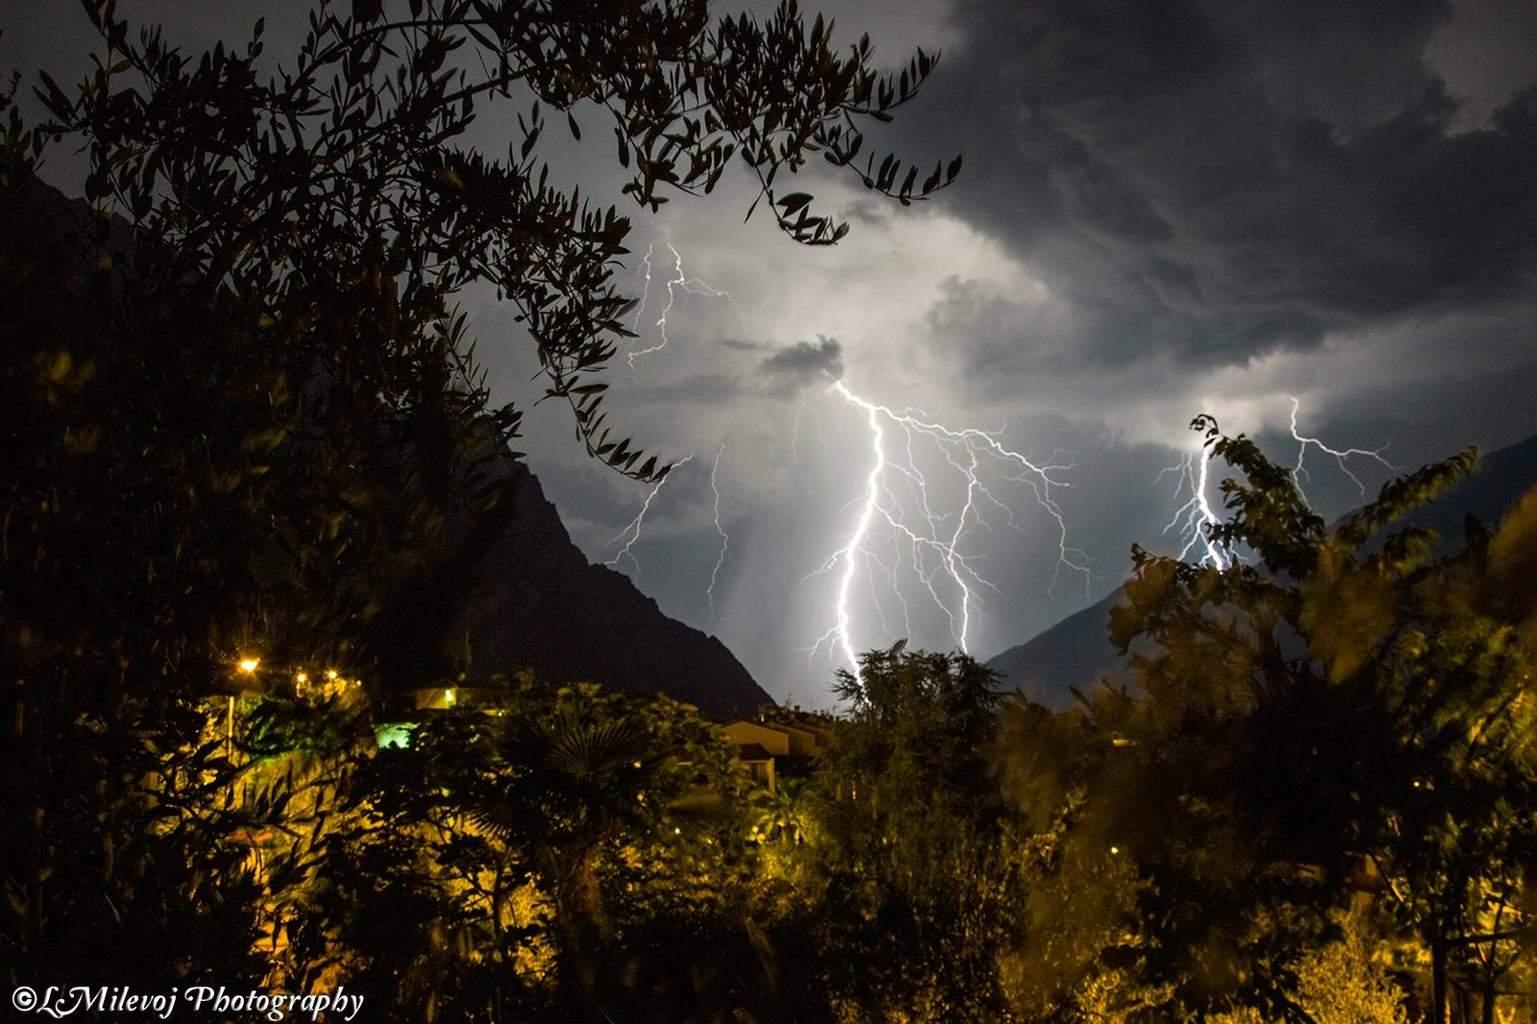 Lake Garda Italy august 1 2013